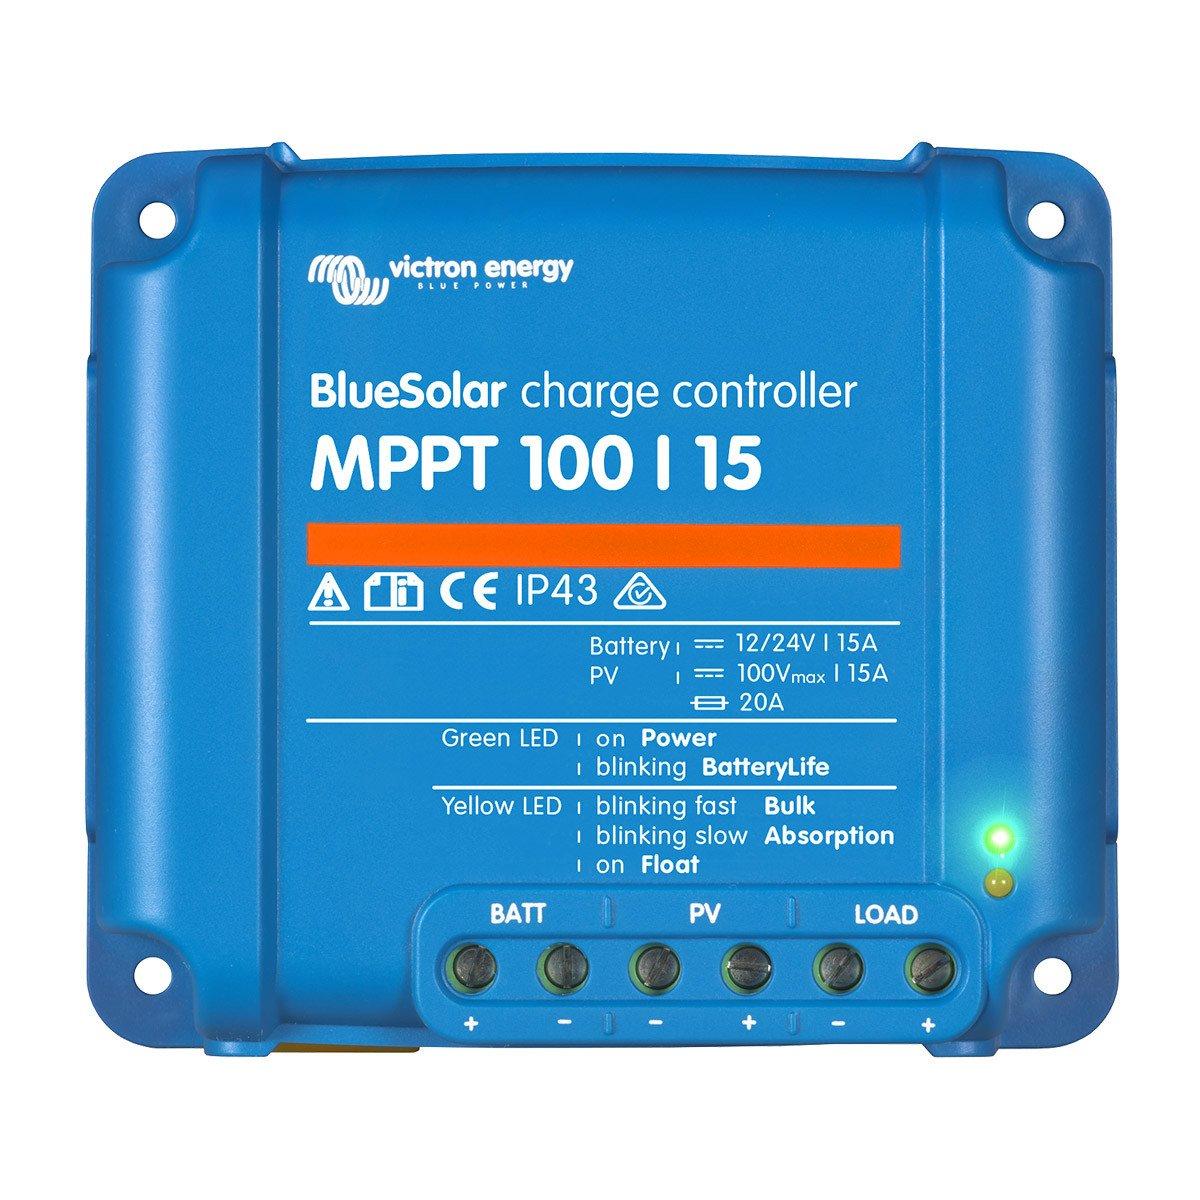 MPPT Solar Charge controller 12V/24V Victron Energy 100/15 8719076025337